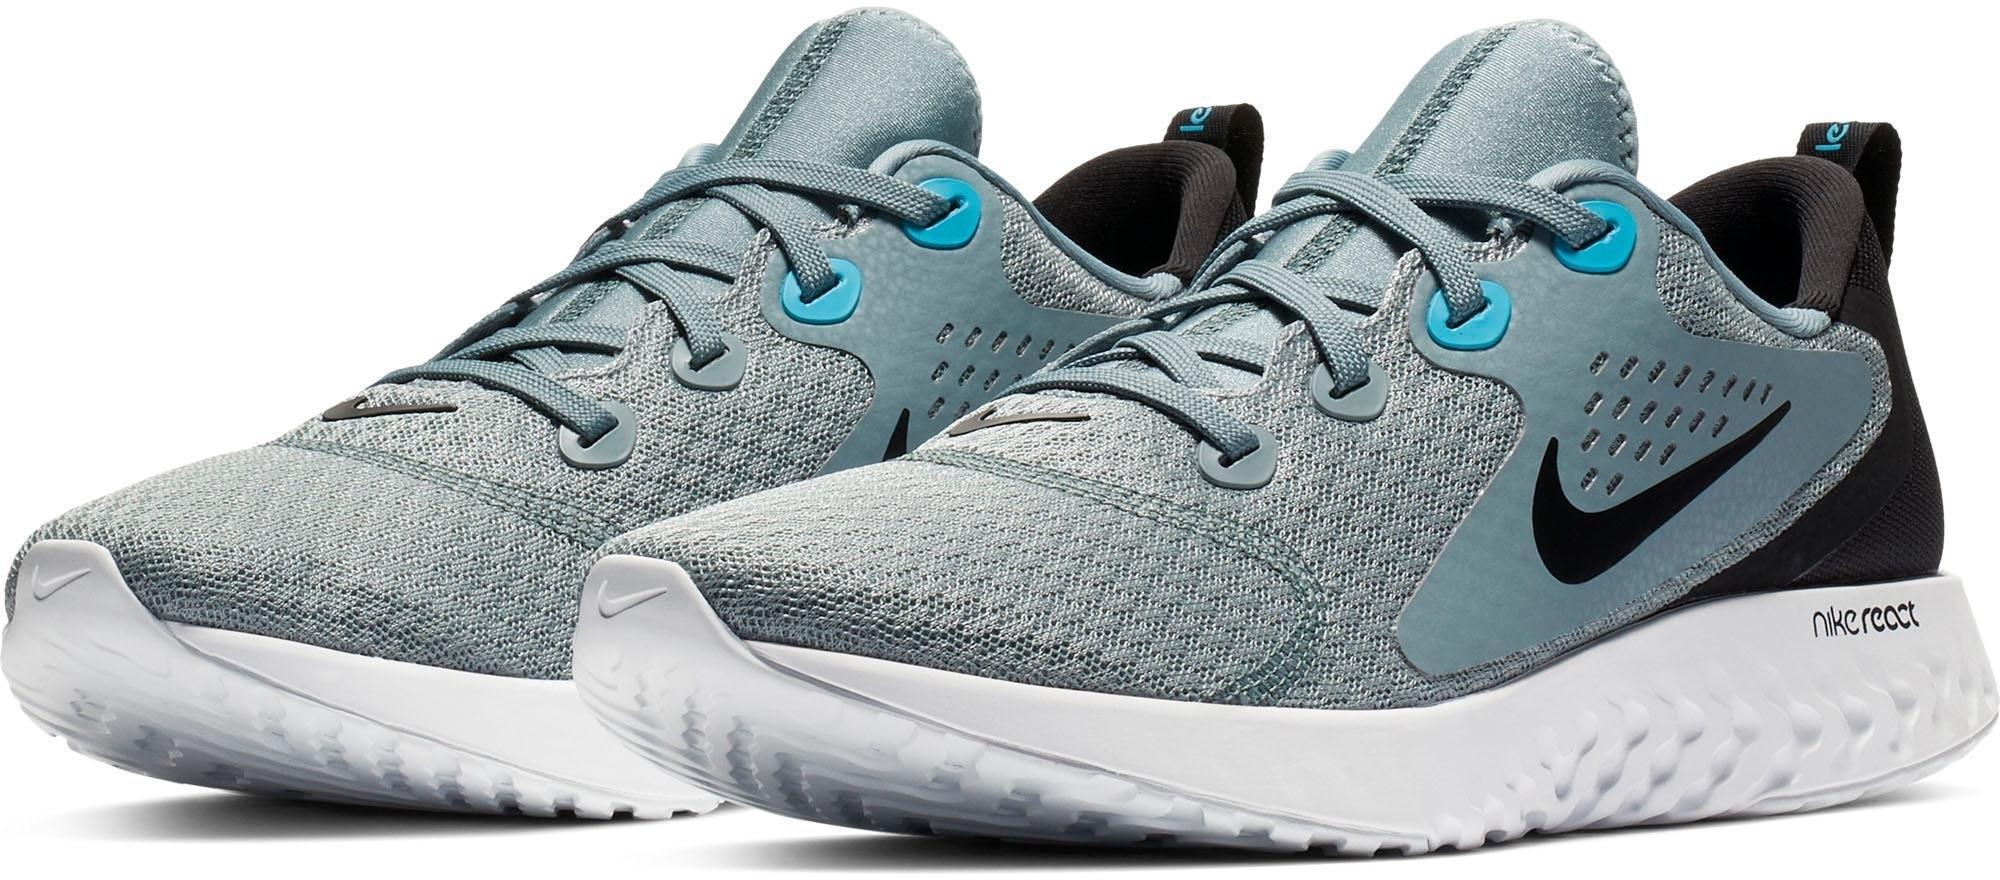 Nike runningschoenen »Legend React« goedkoop op otto.nl kopen